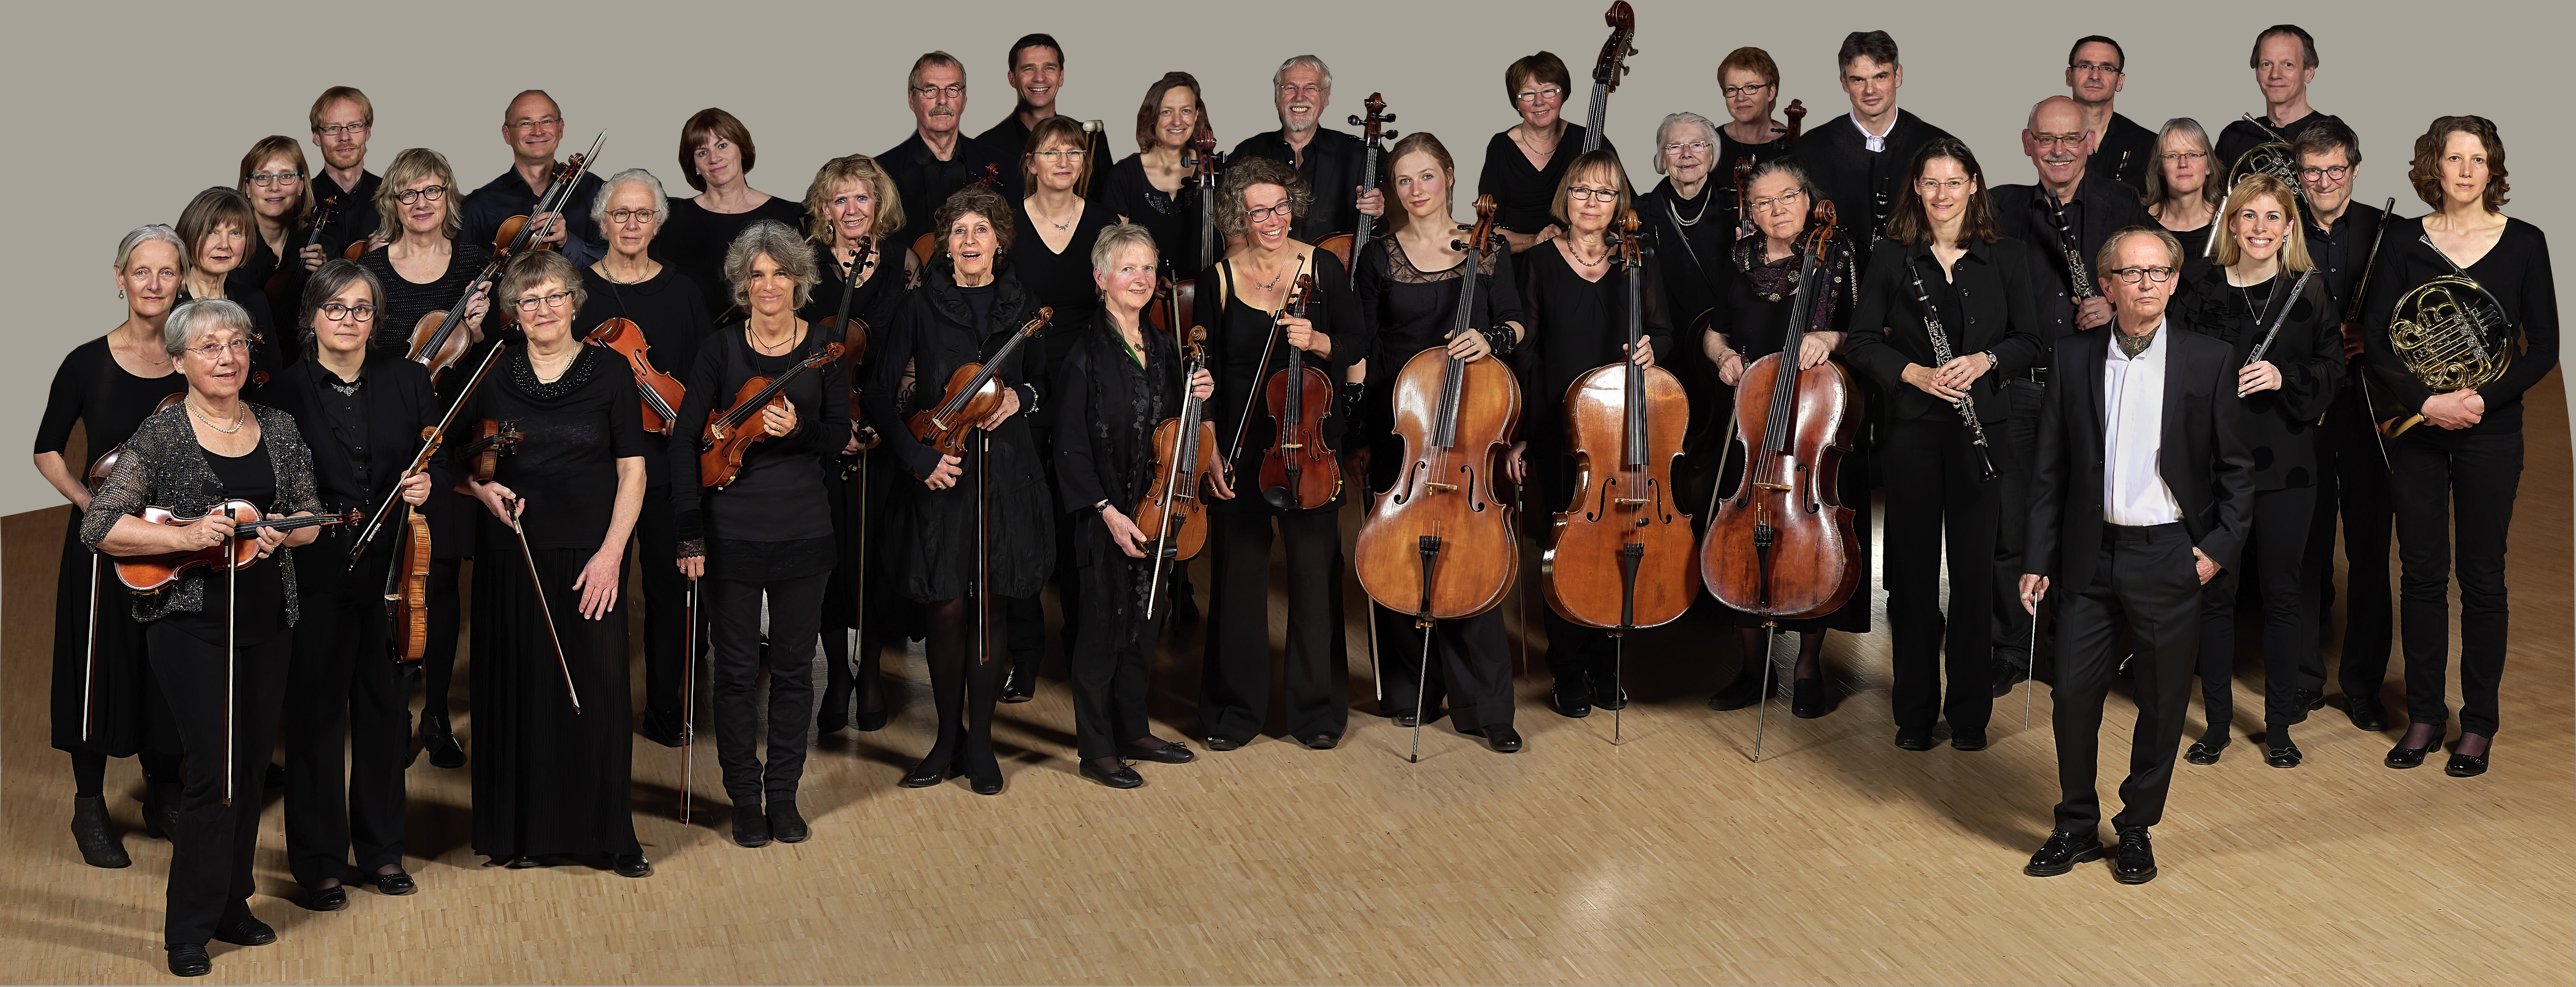 Musikkollegium Freiburg gemeinnütziger E.V.